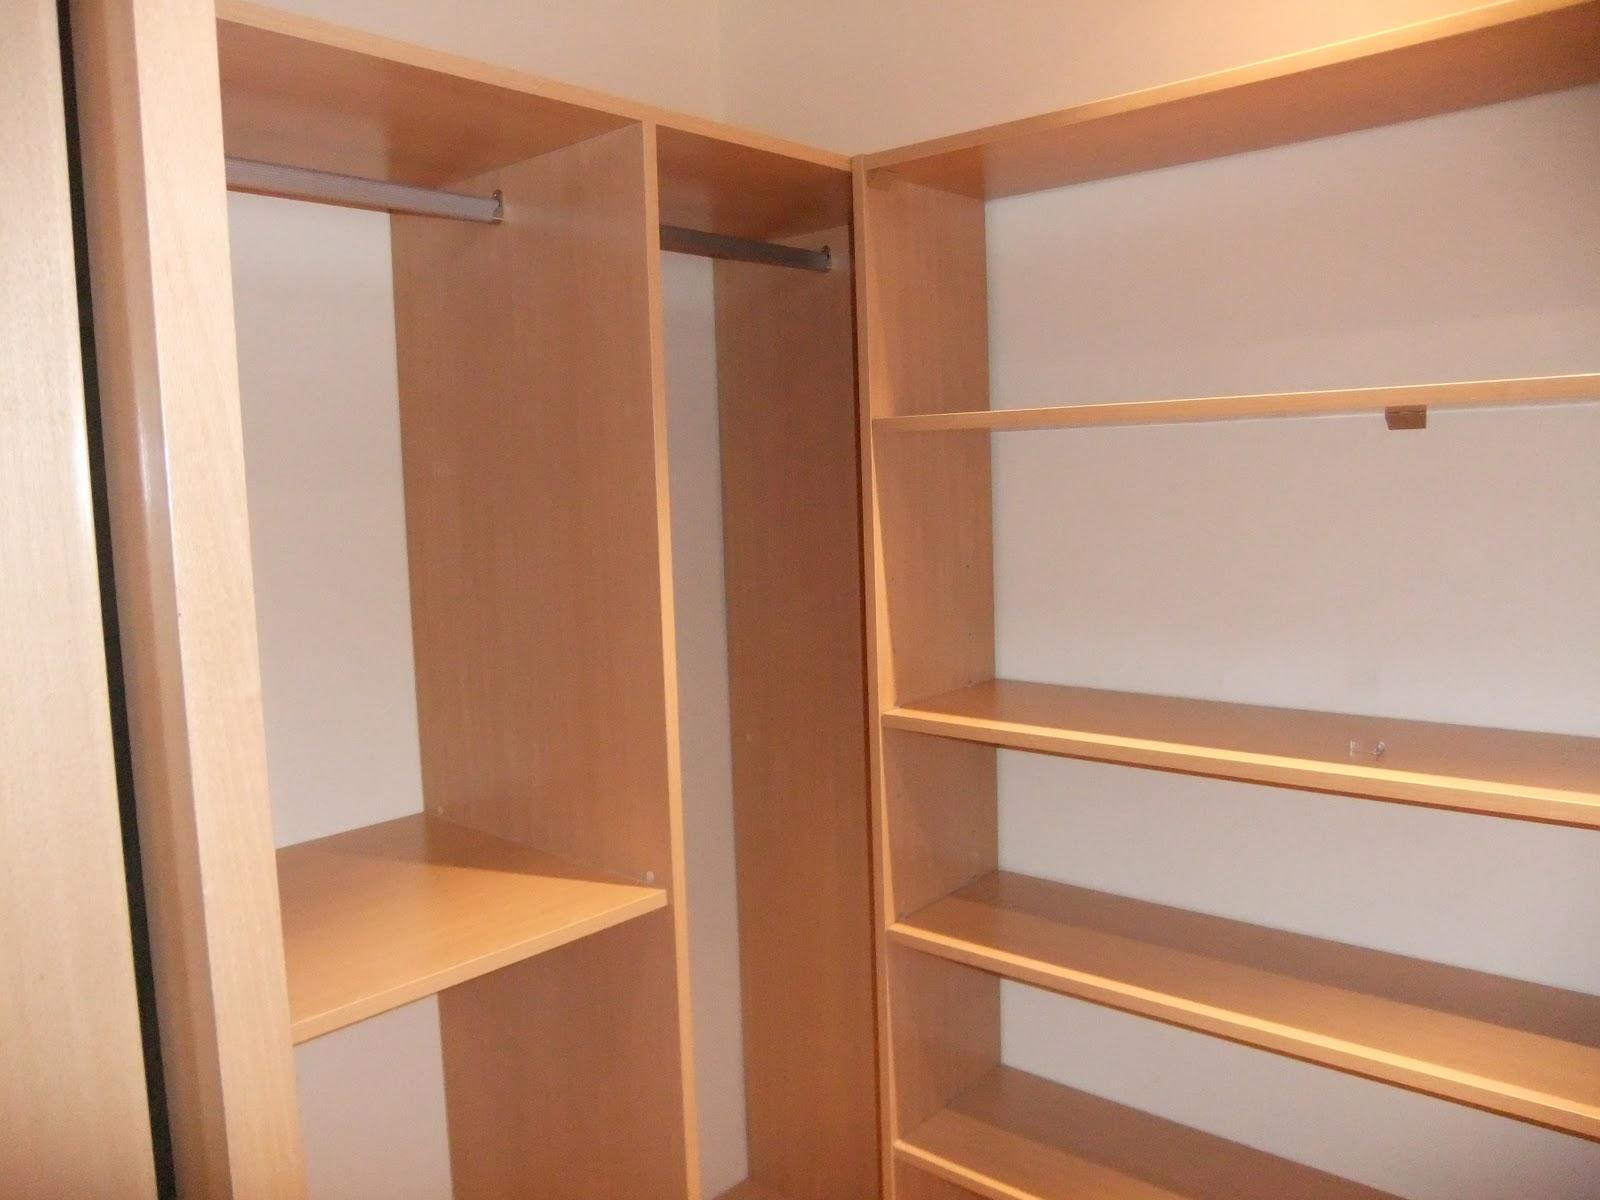 Baño En Dormitorio Pequeno:vestidor en dormitorio de un pequeño espacio wwwlolatorgadecoracion